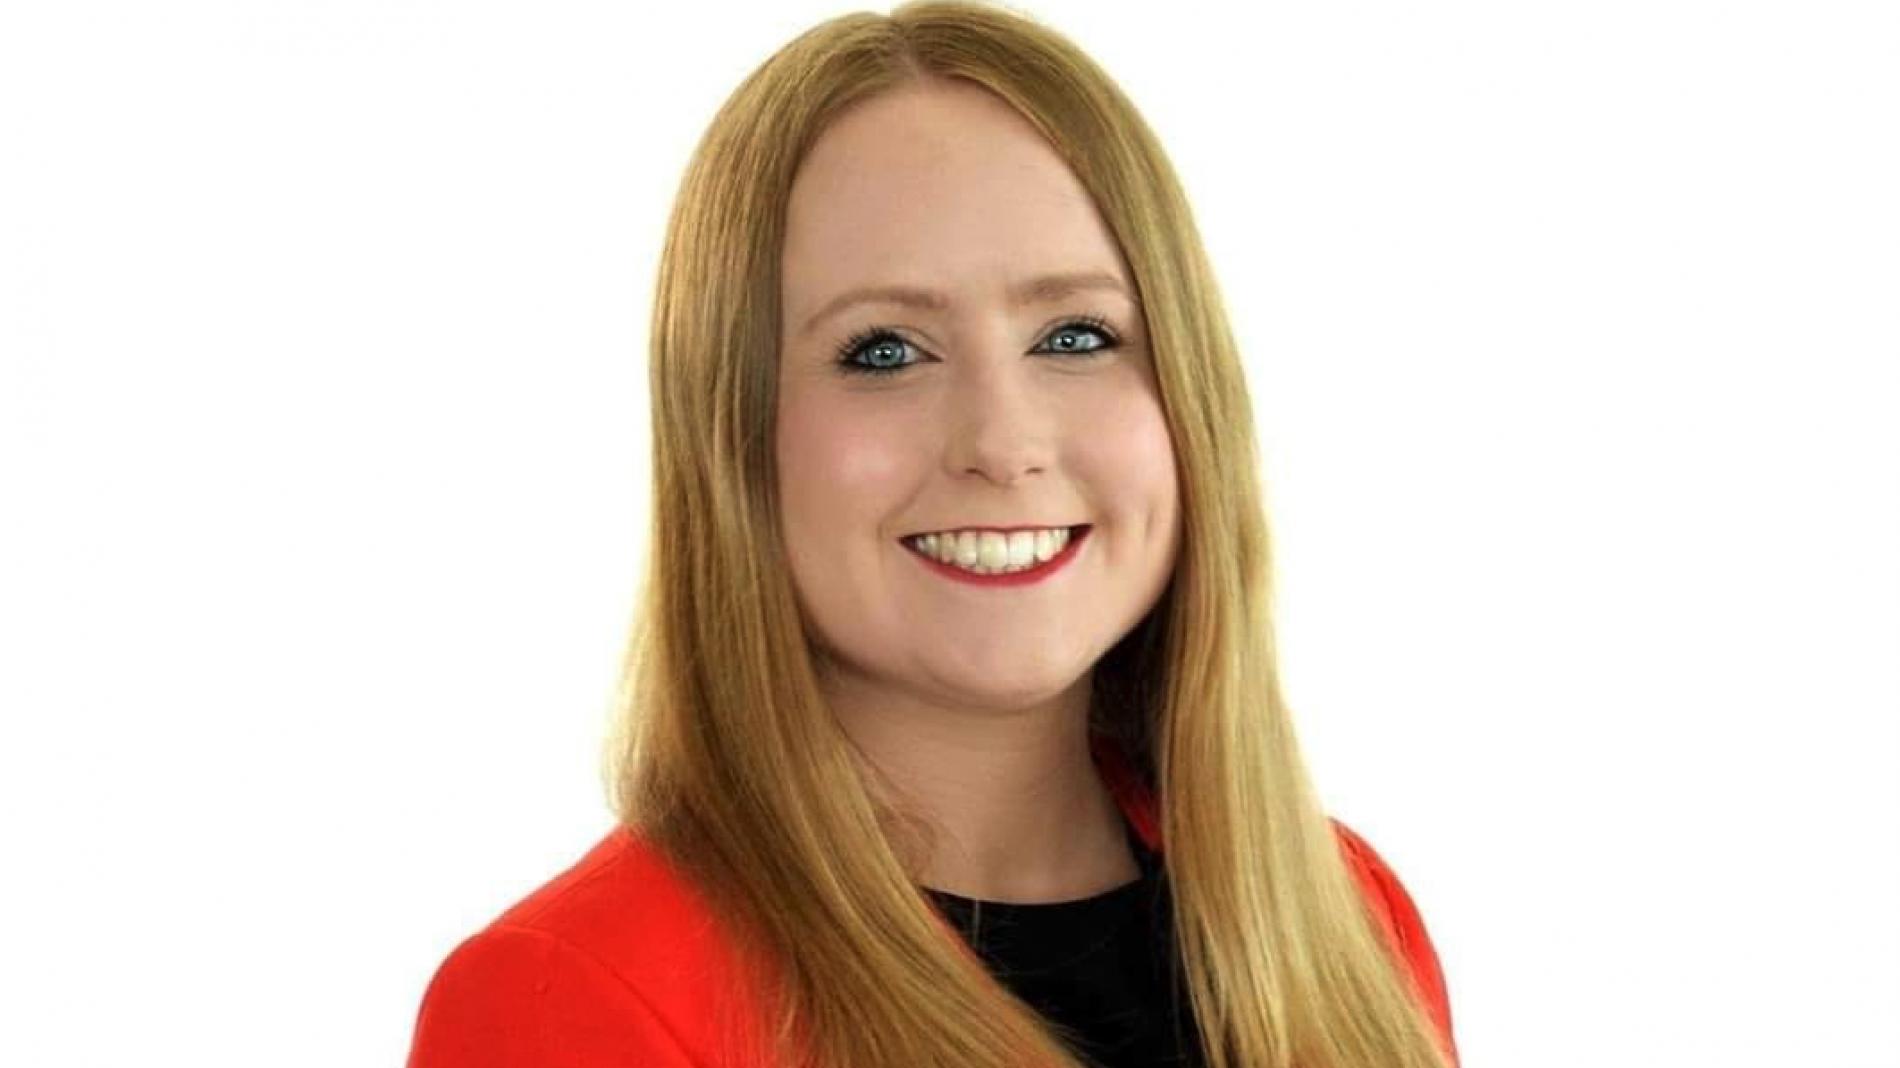 Sinn Féin general election candidate Mairéad Farrell